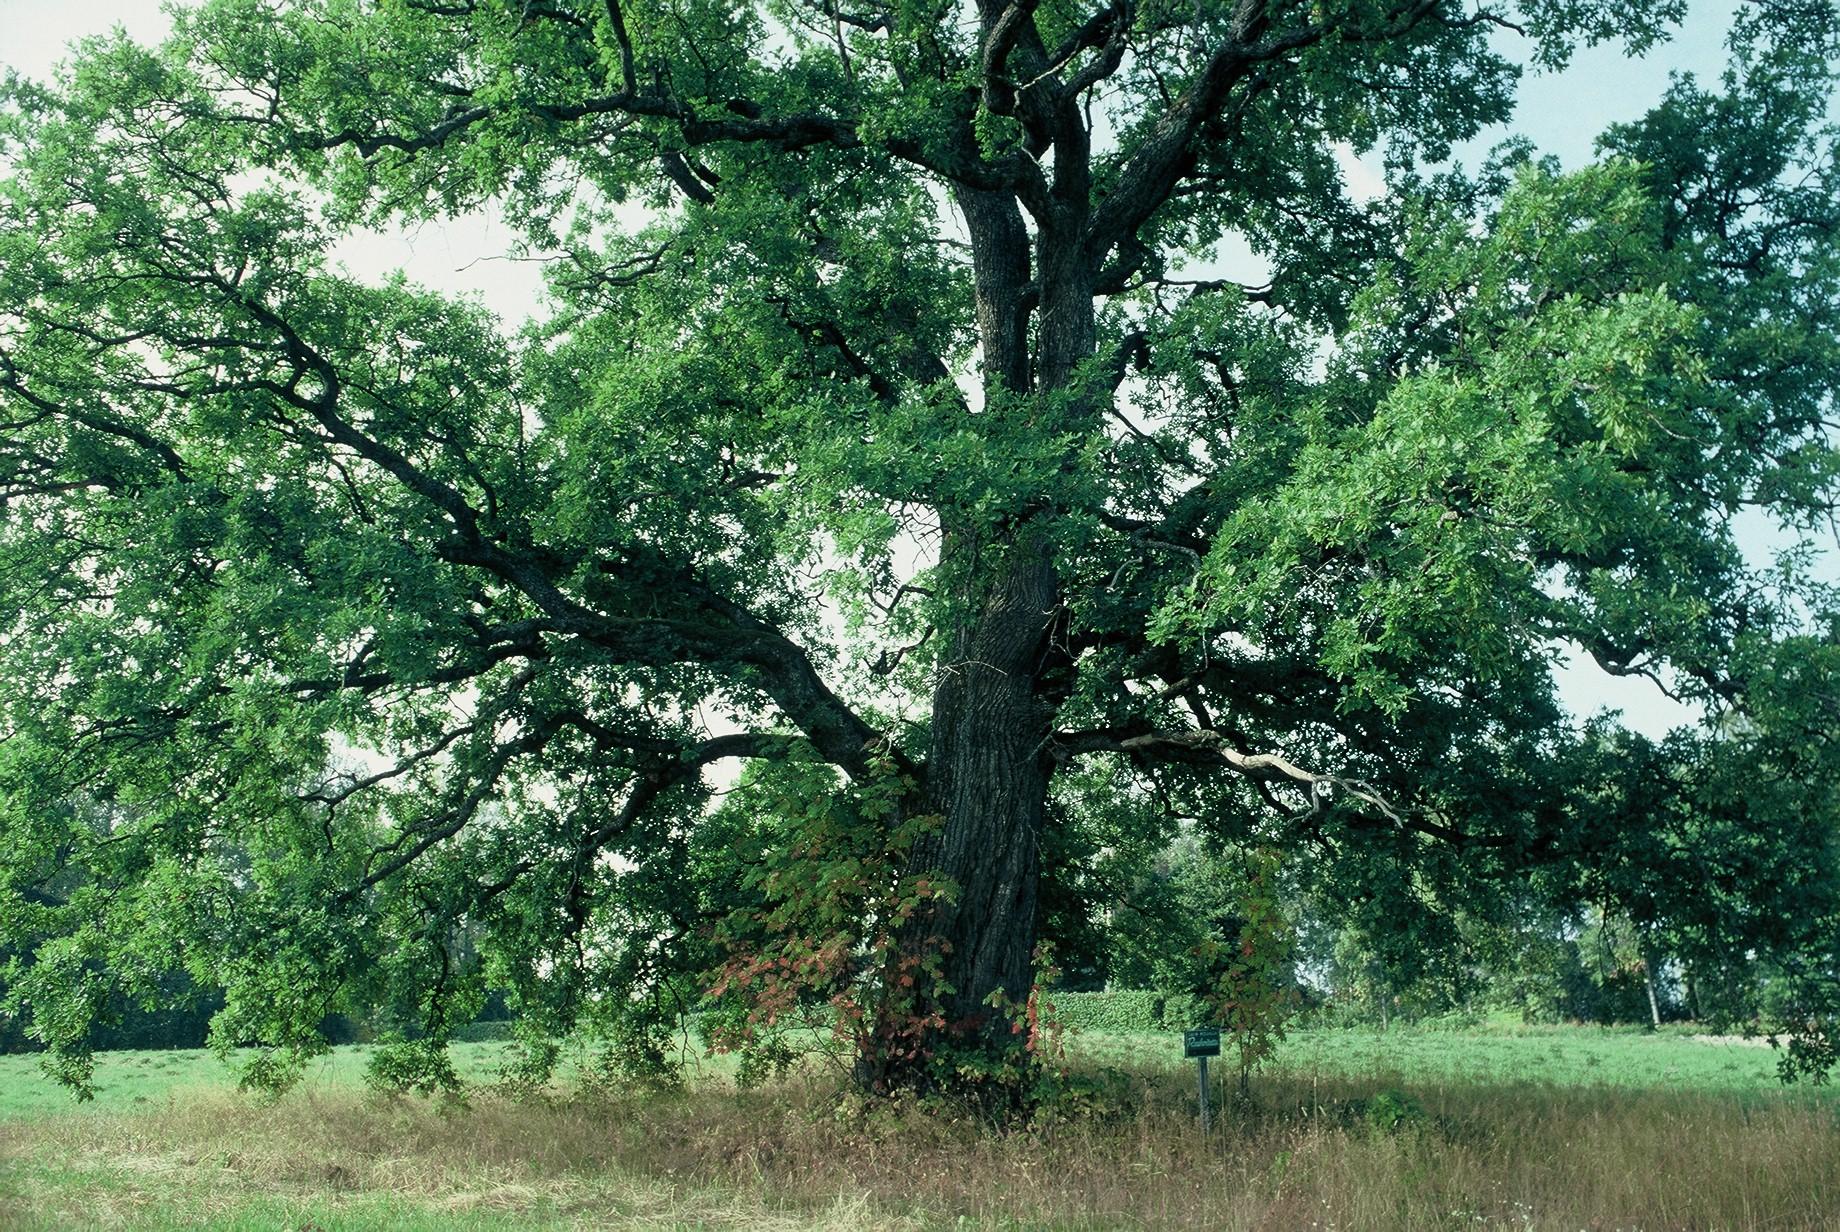 Luonnonmuistomerkki, tammi, Jalassaari, kuva Lohjan ympäristönsuojelu.